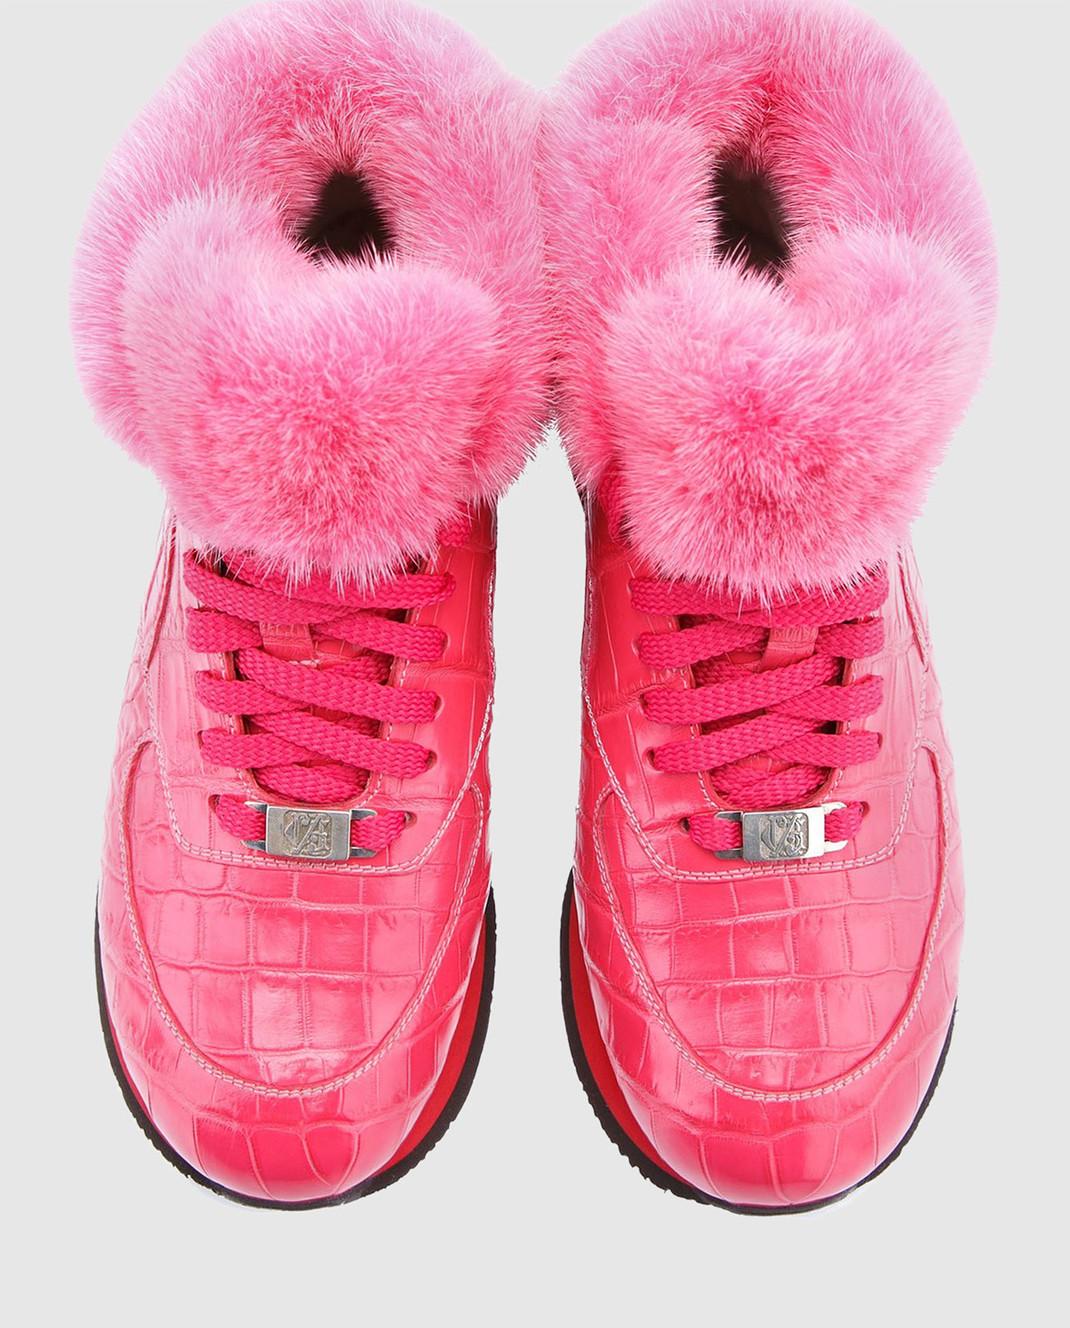 IGOR SENIN Розовые кроссовки ручной работы из кожи крокодила CROCO изображение 4